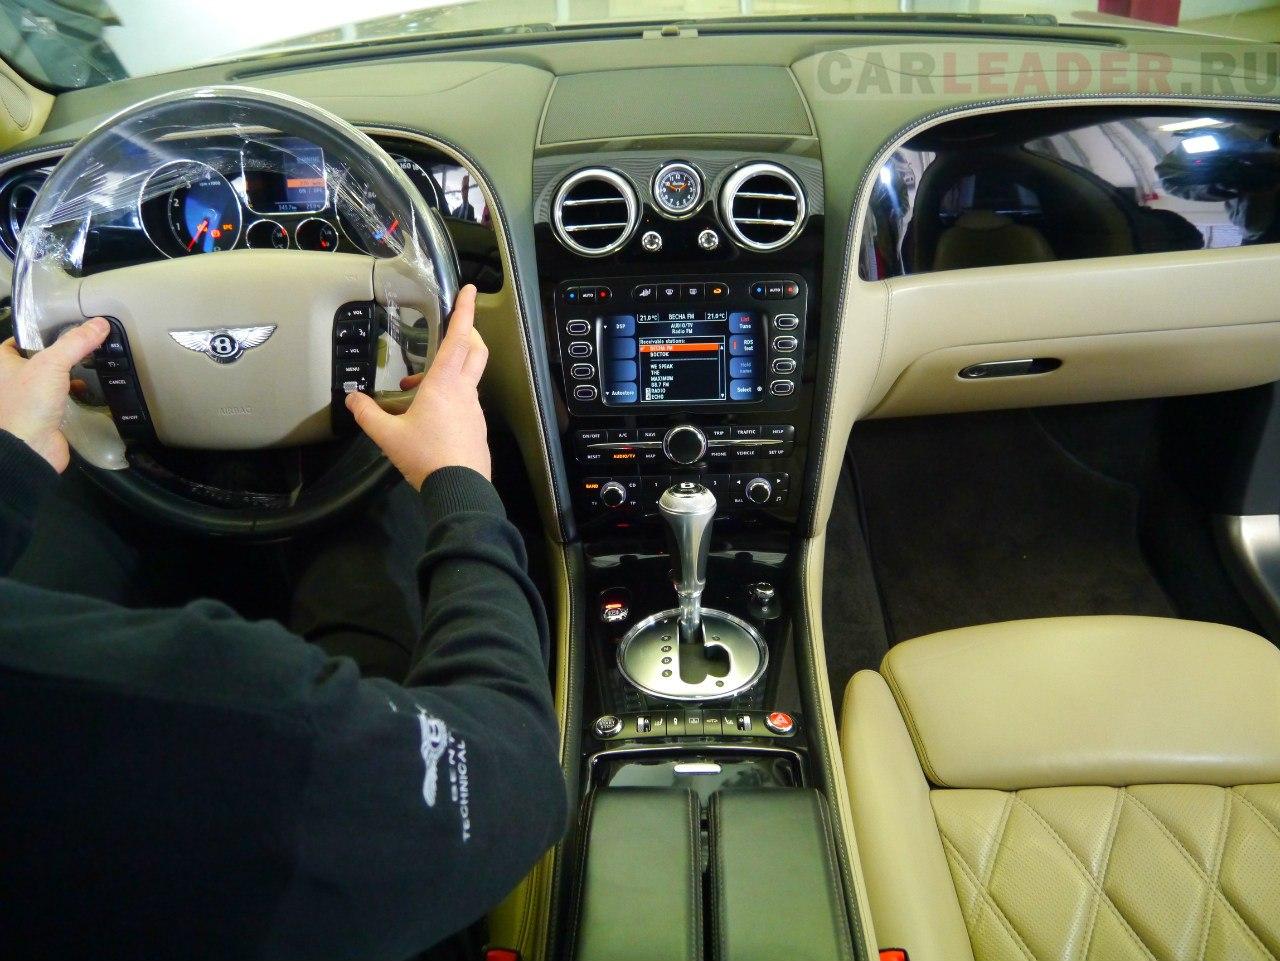 Проверка работы медийной системы Bentley тоже входит в инспекцию Риса.